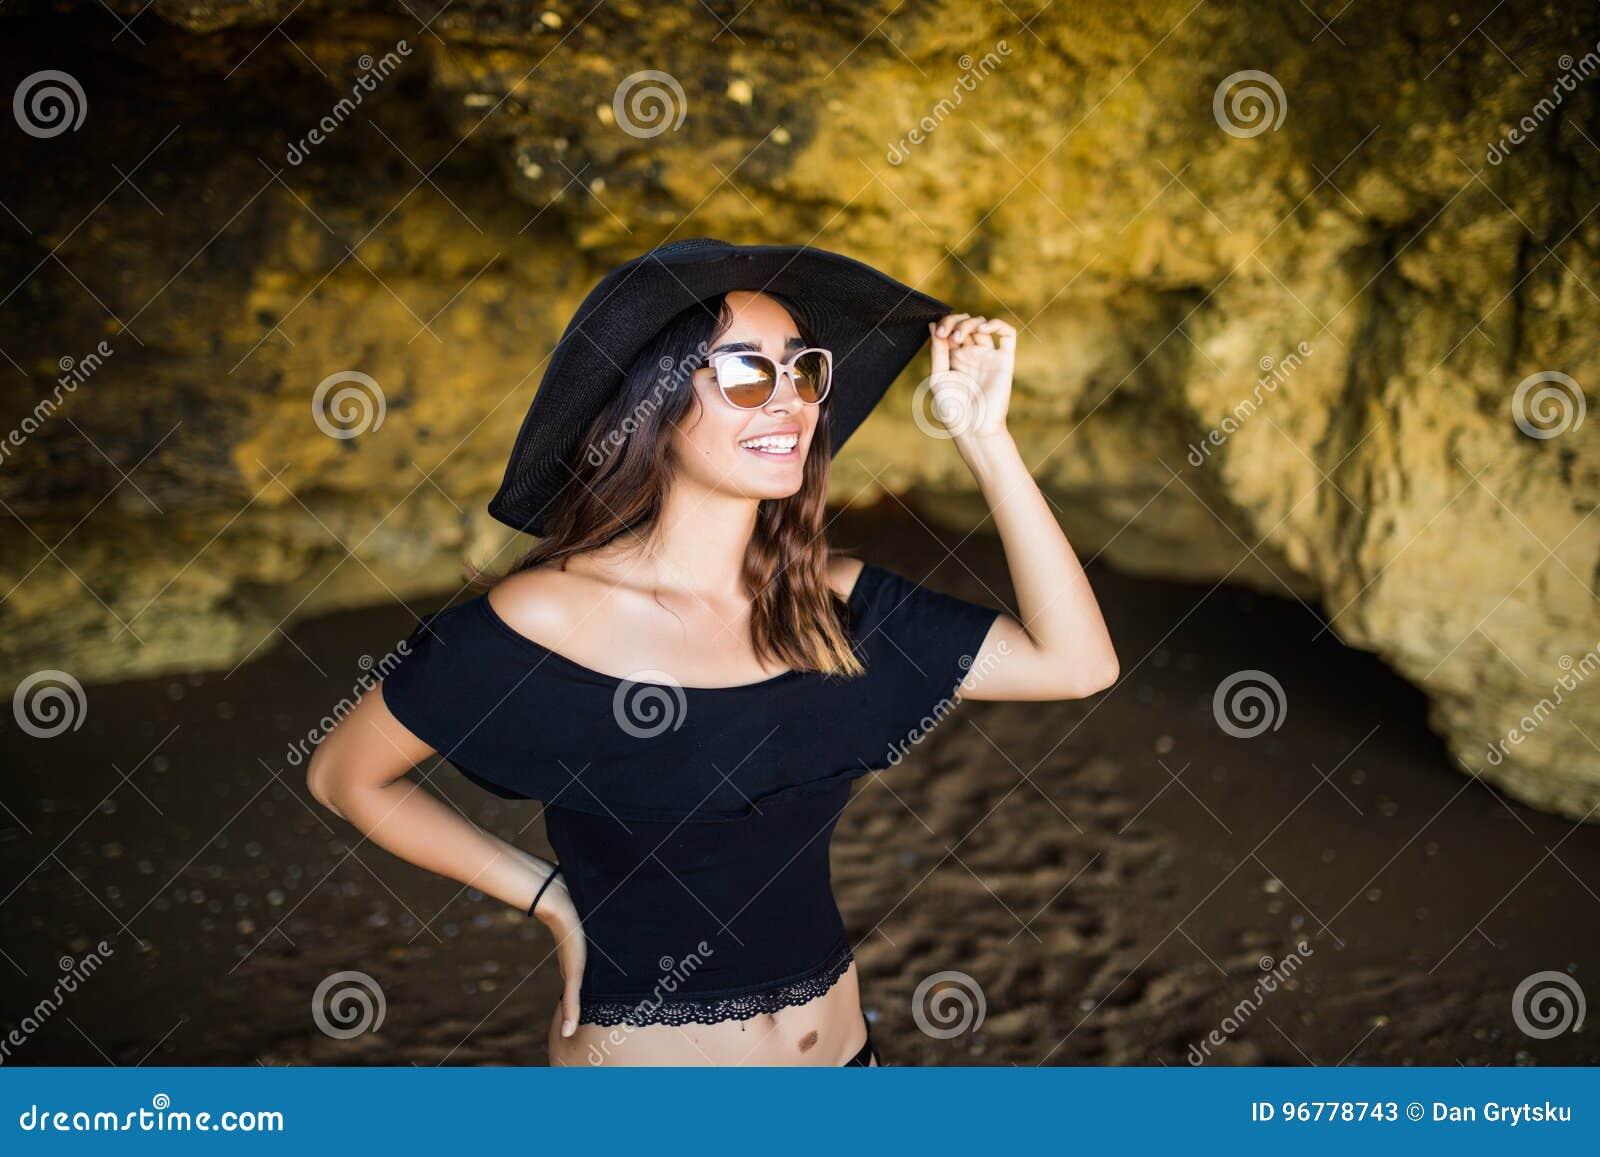 Gafas Mujer Sol Y Que Mexicana Sombrero Las La De Hermosa Con El m8vNn0Ow